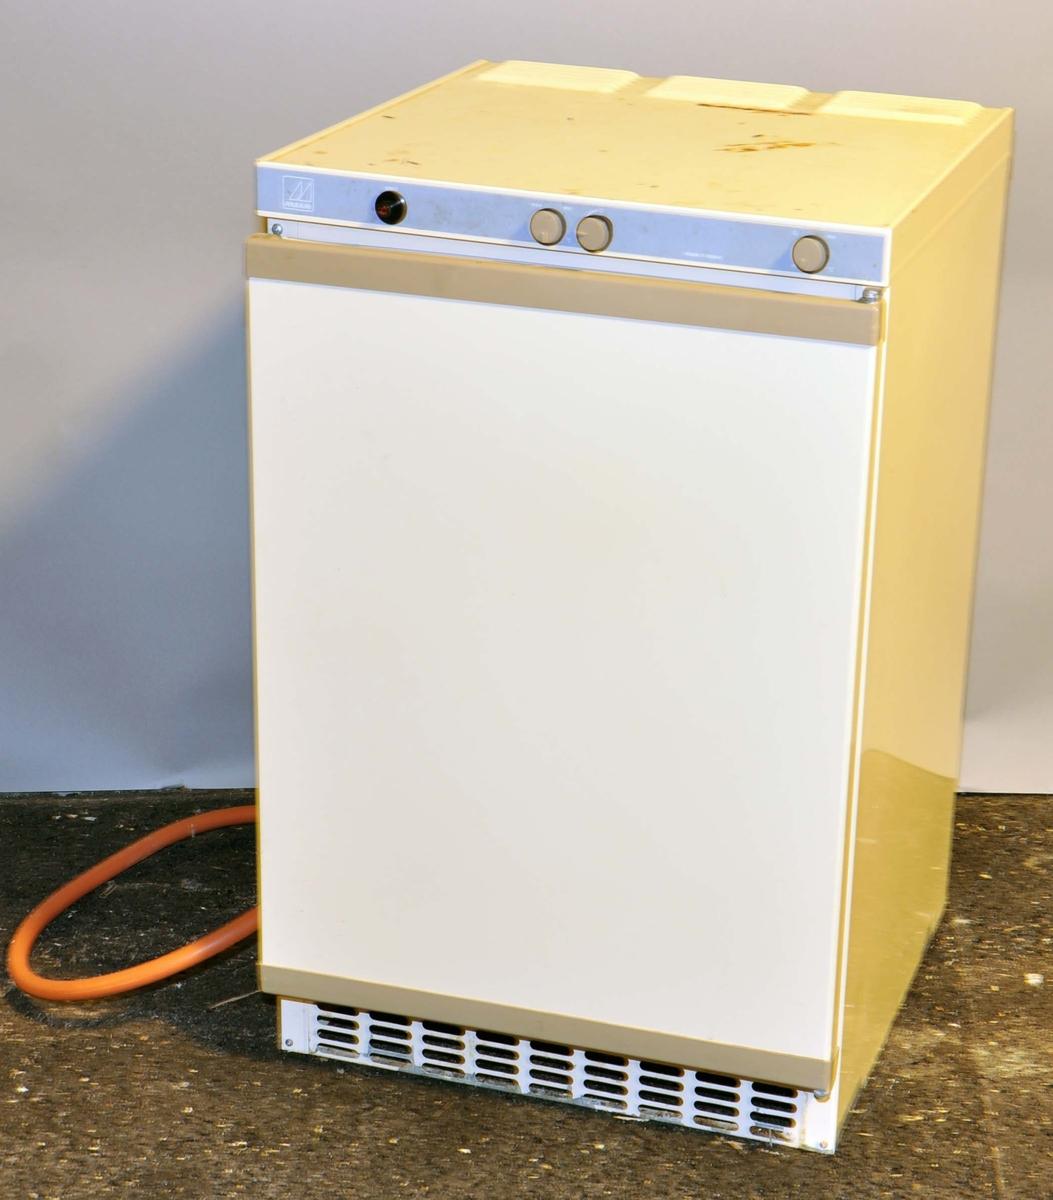 Gassdrevet kjøleskap, hvit overflate av metall.